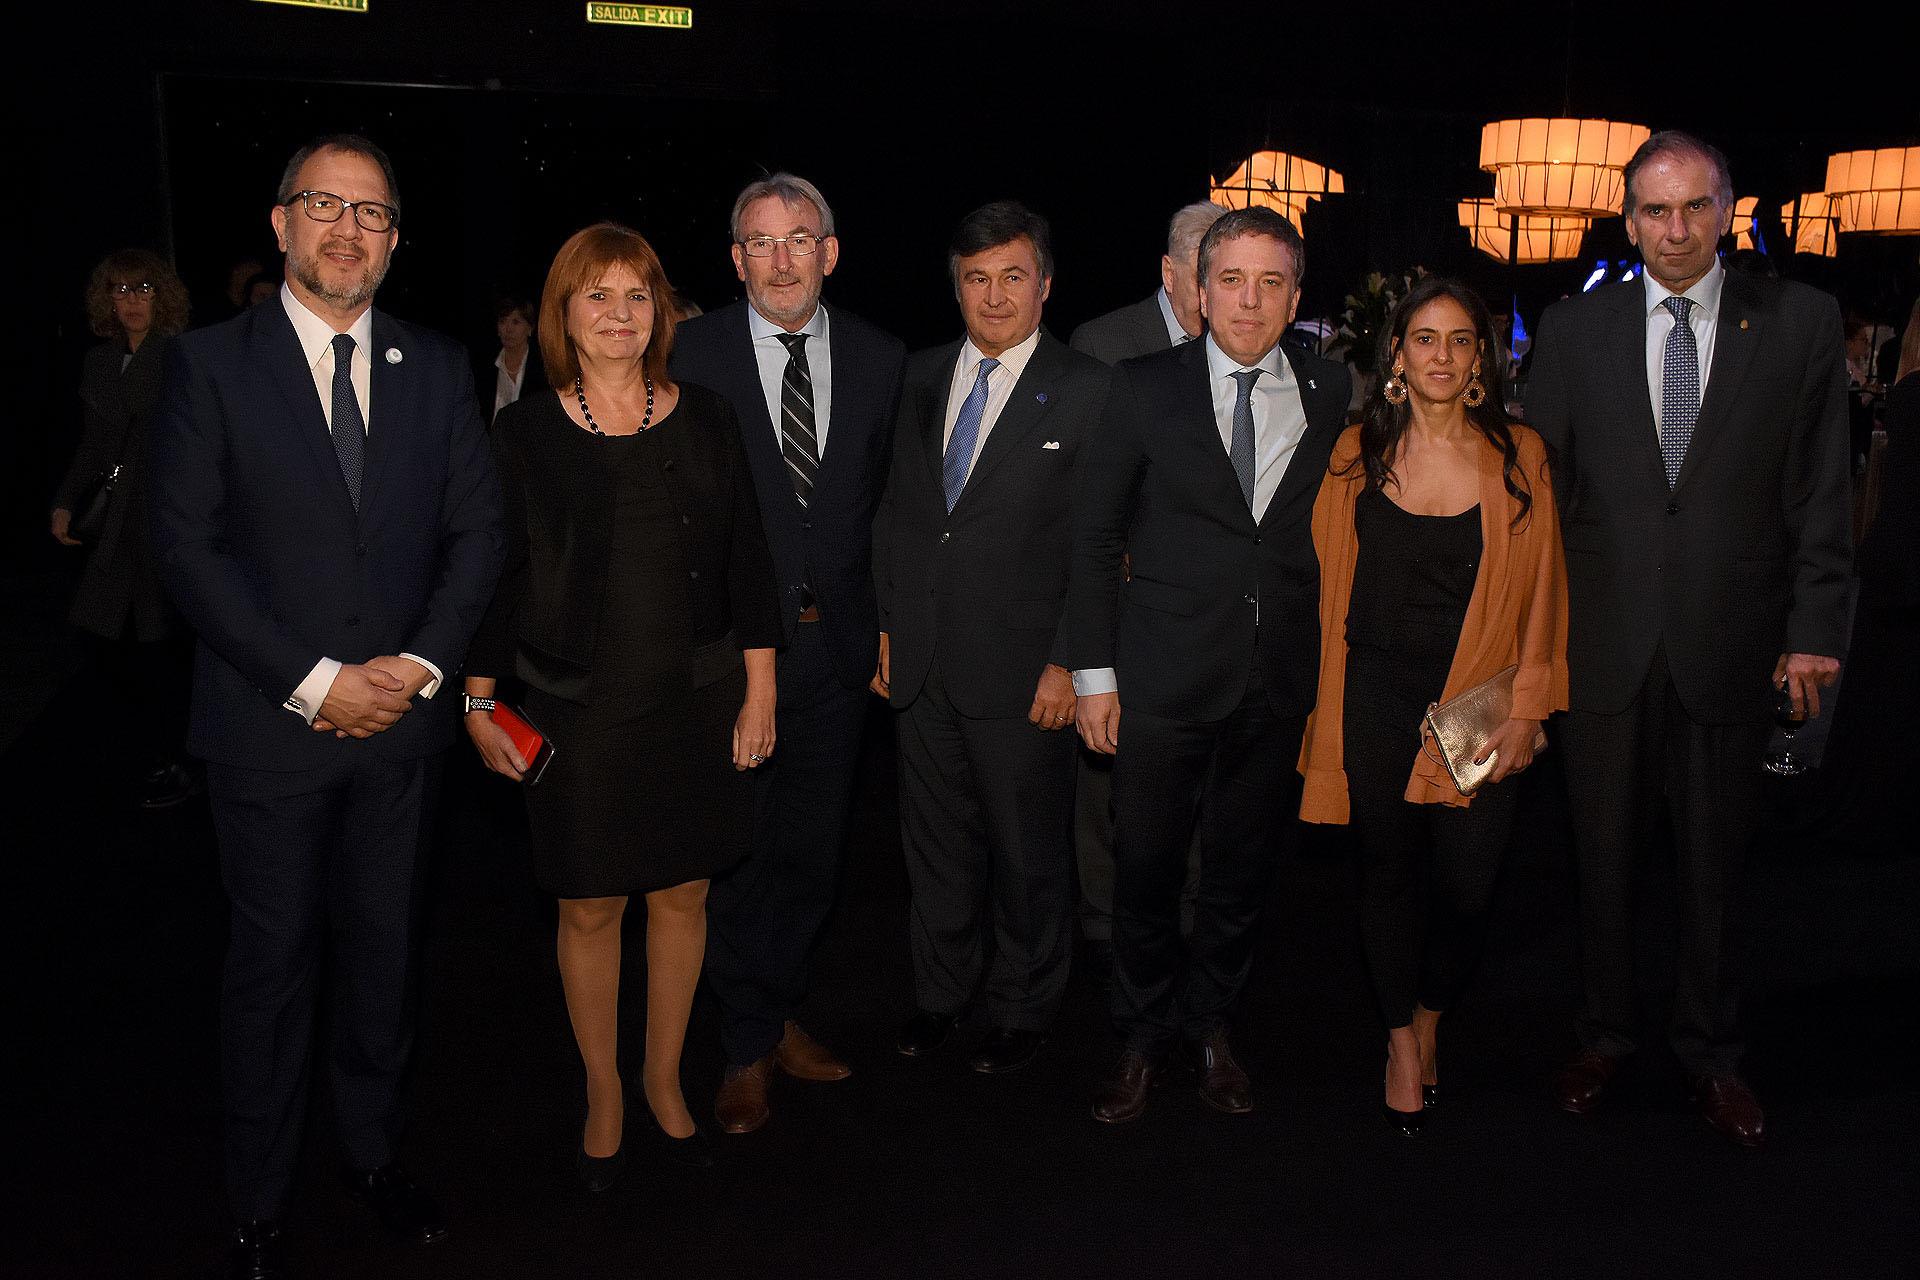 Fabián Perechodnik, Patricia Bullrich, Guillermo Yanco, Daniel Pelegrina, Nicolás Dujovne y su mujer, y Humberto Schiavoni